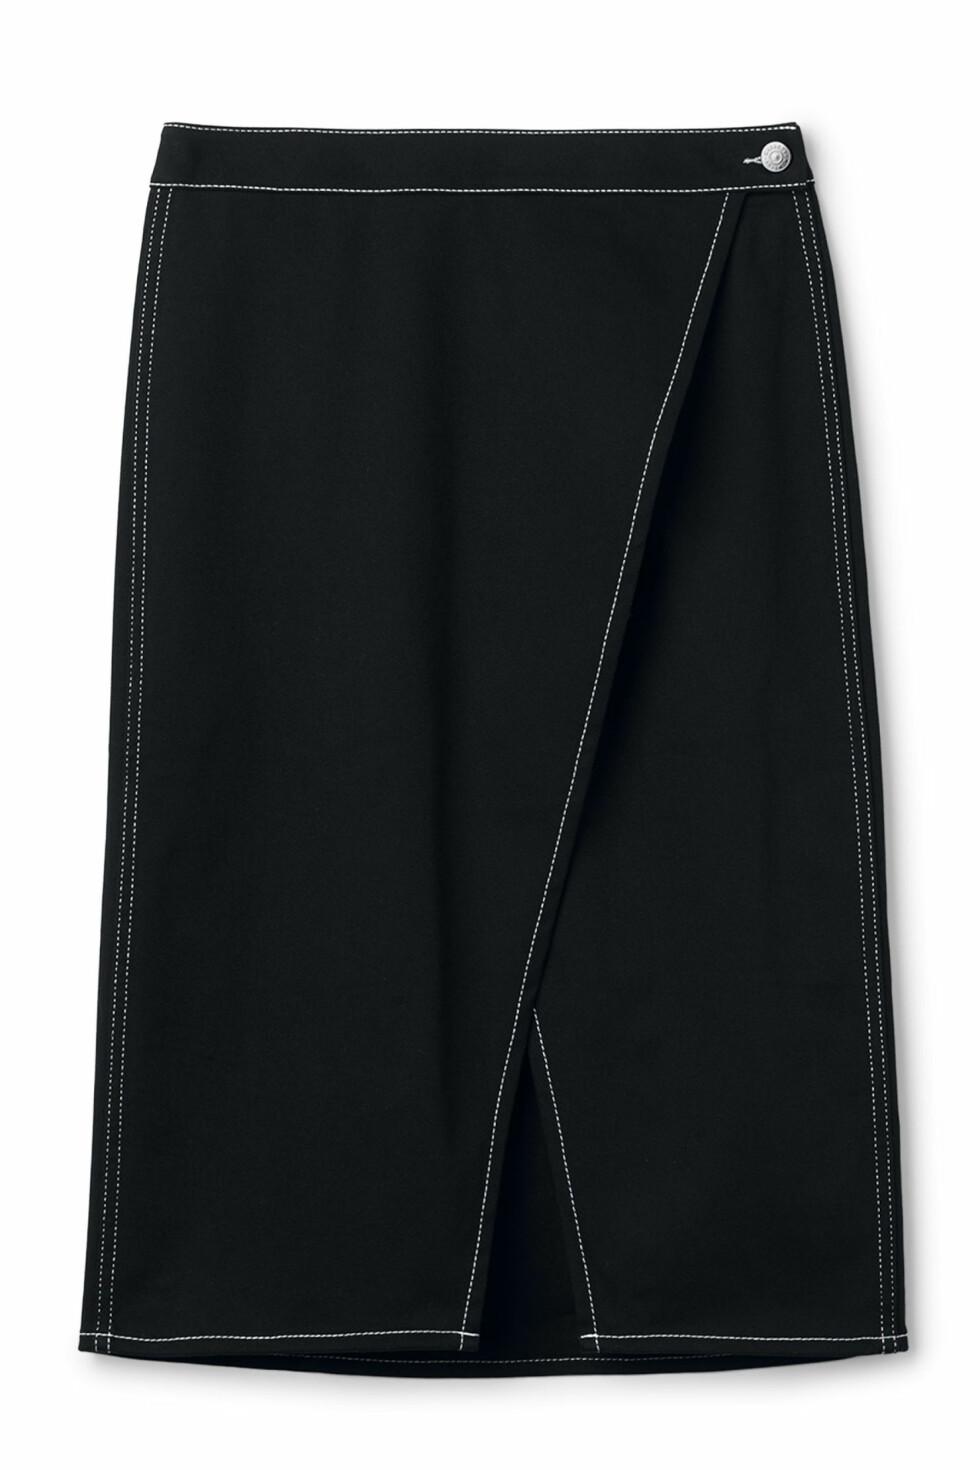 Skjørt fra Weekday |450,-| https://www.weekday.com/en_sek/women/get-the-latest/new-arrivals/product.panel-skirt-black.0594135001.html